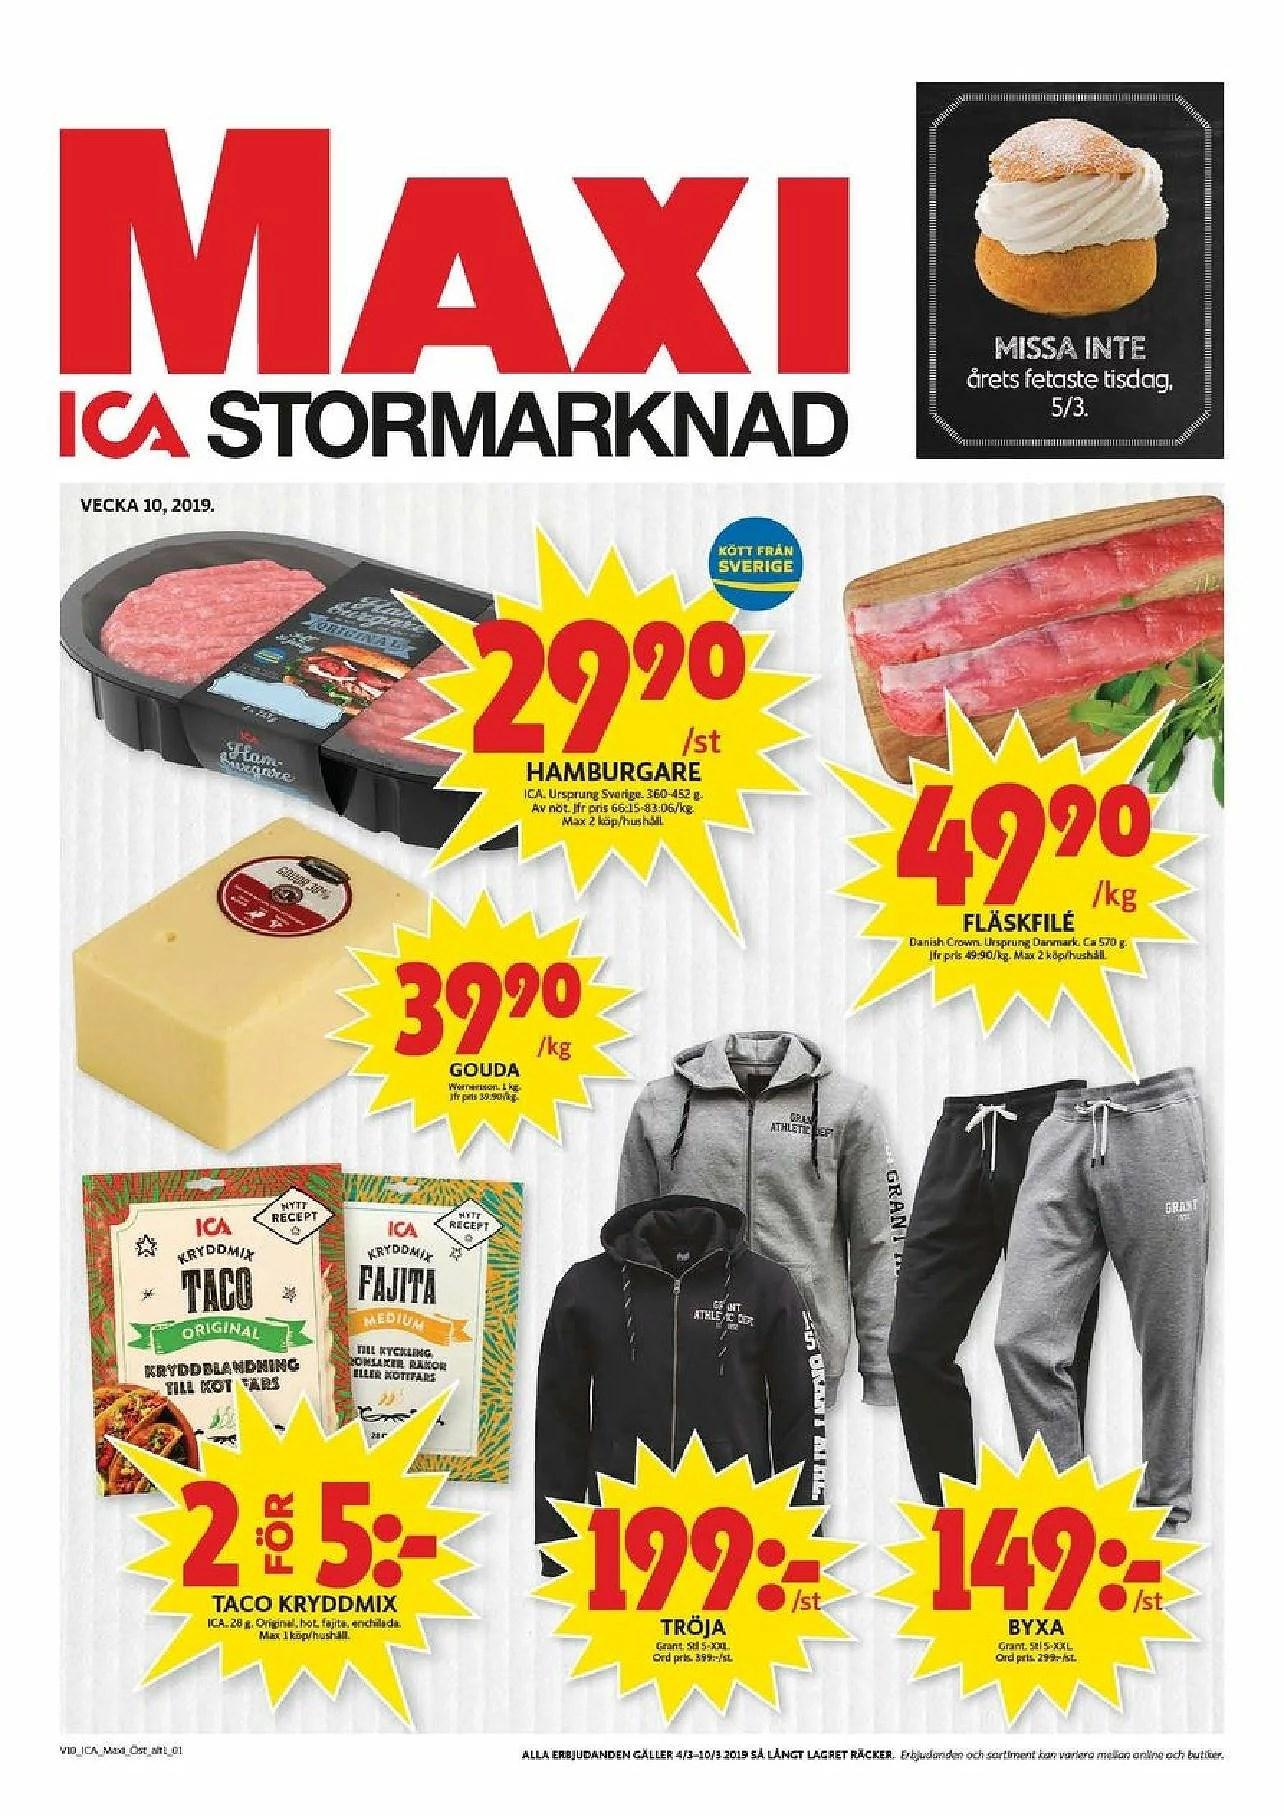 Ixa Maxi nästa vecka, taco kryddmix 2 för 5kr, Gouda 39,90kr kg och annat